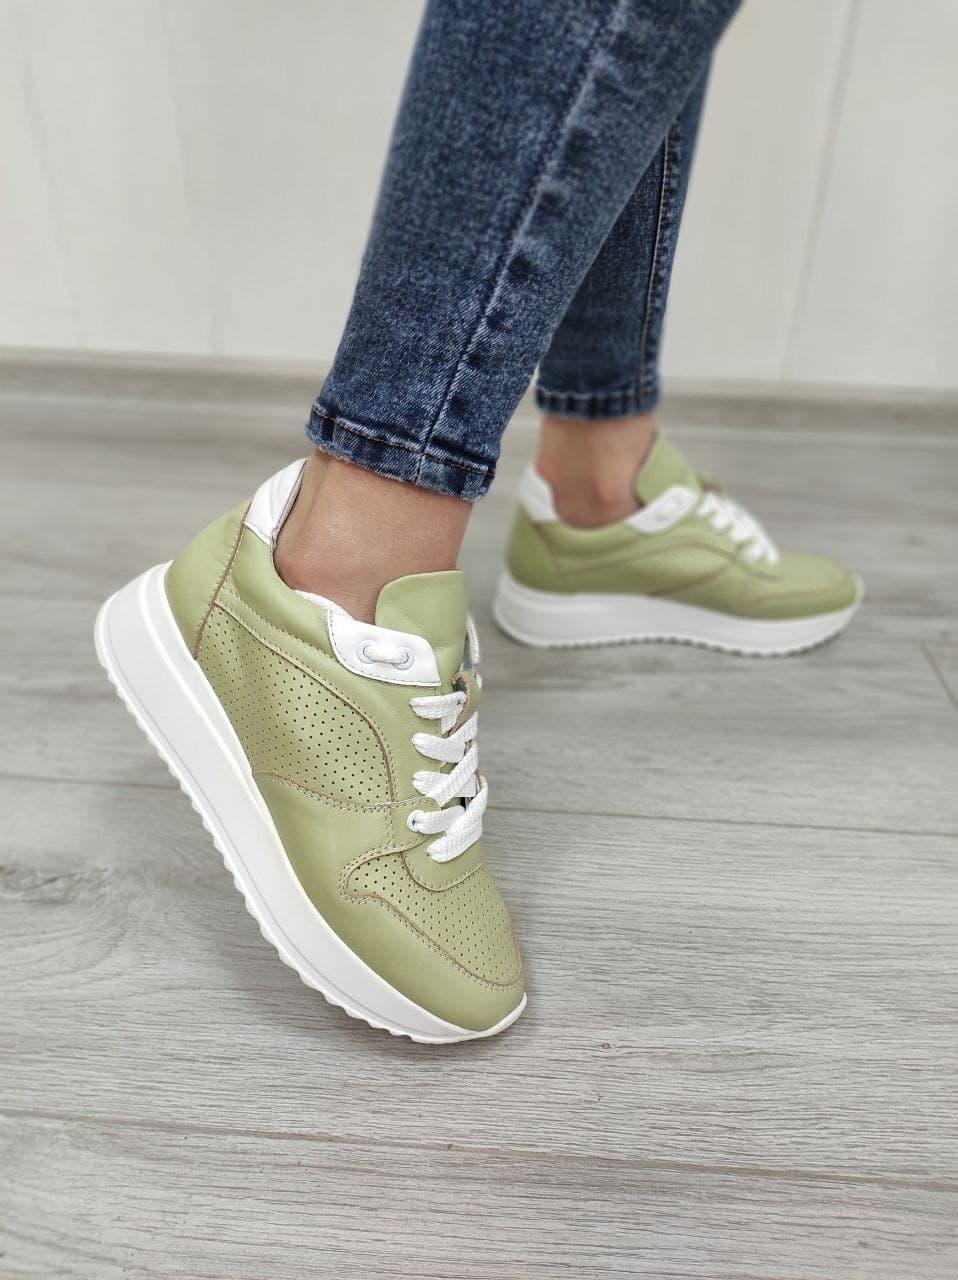 Літні кросівки з перфорацією оливкового кольору в наявності